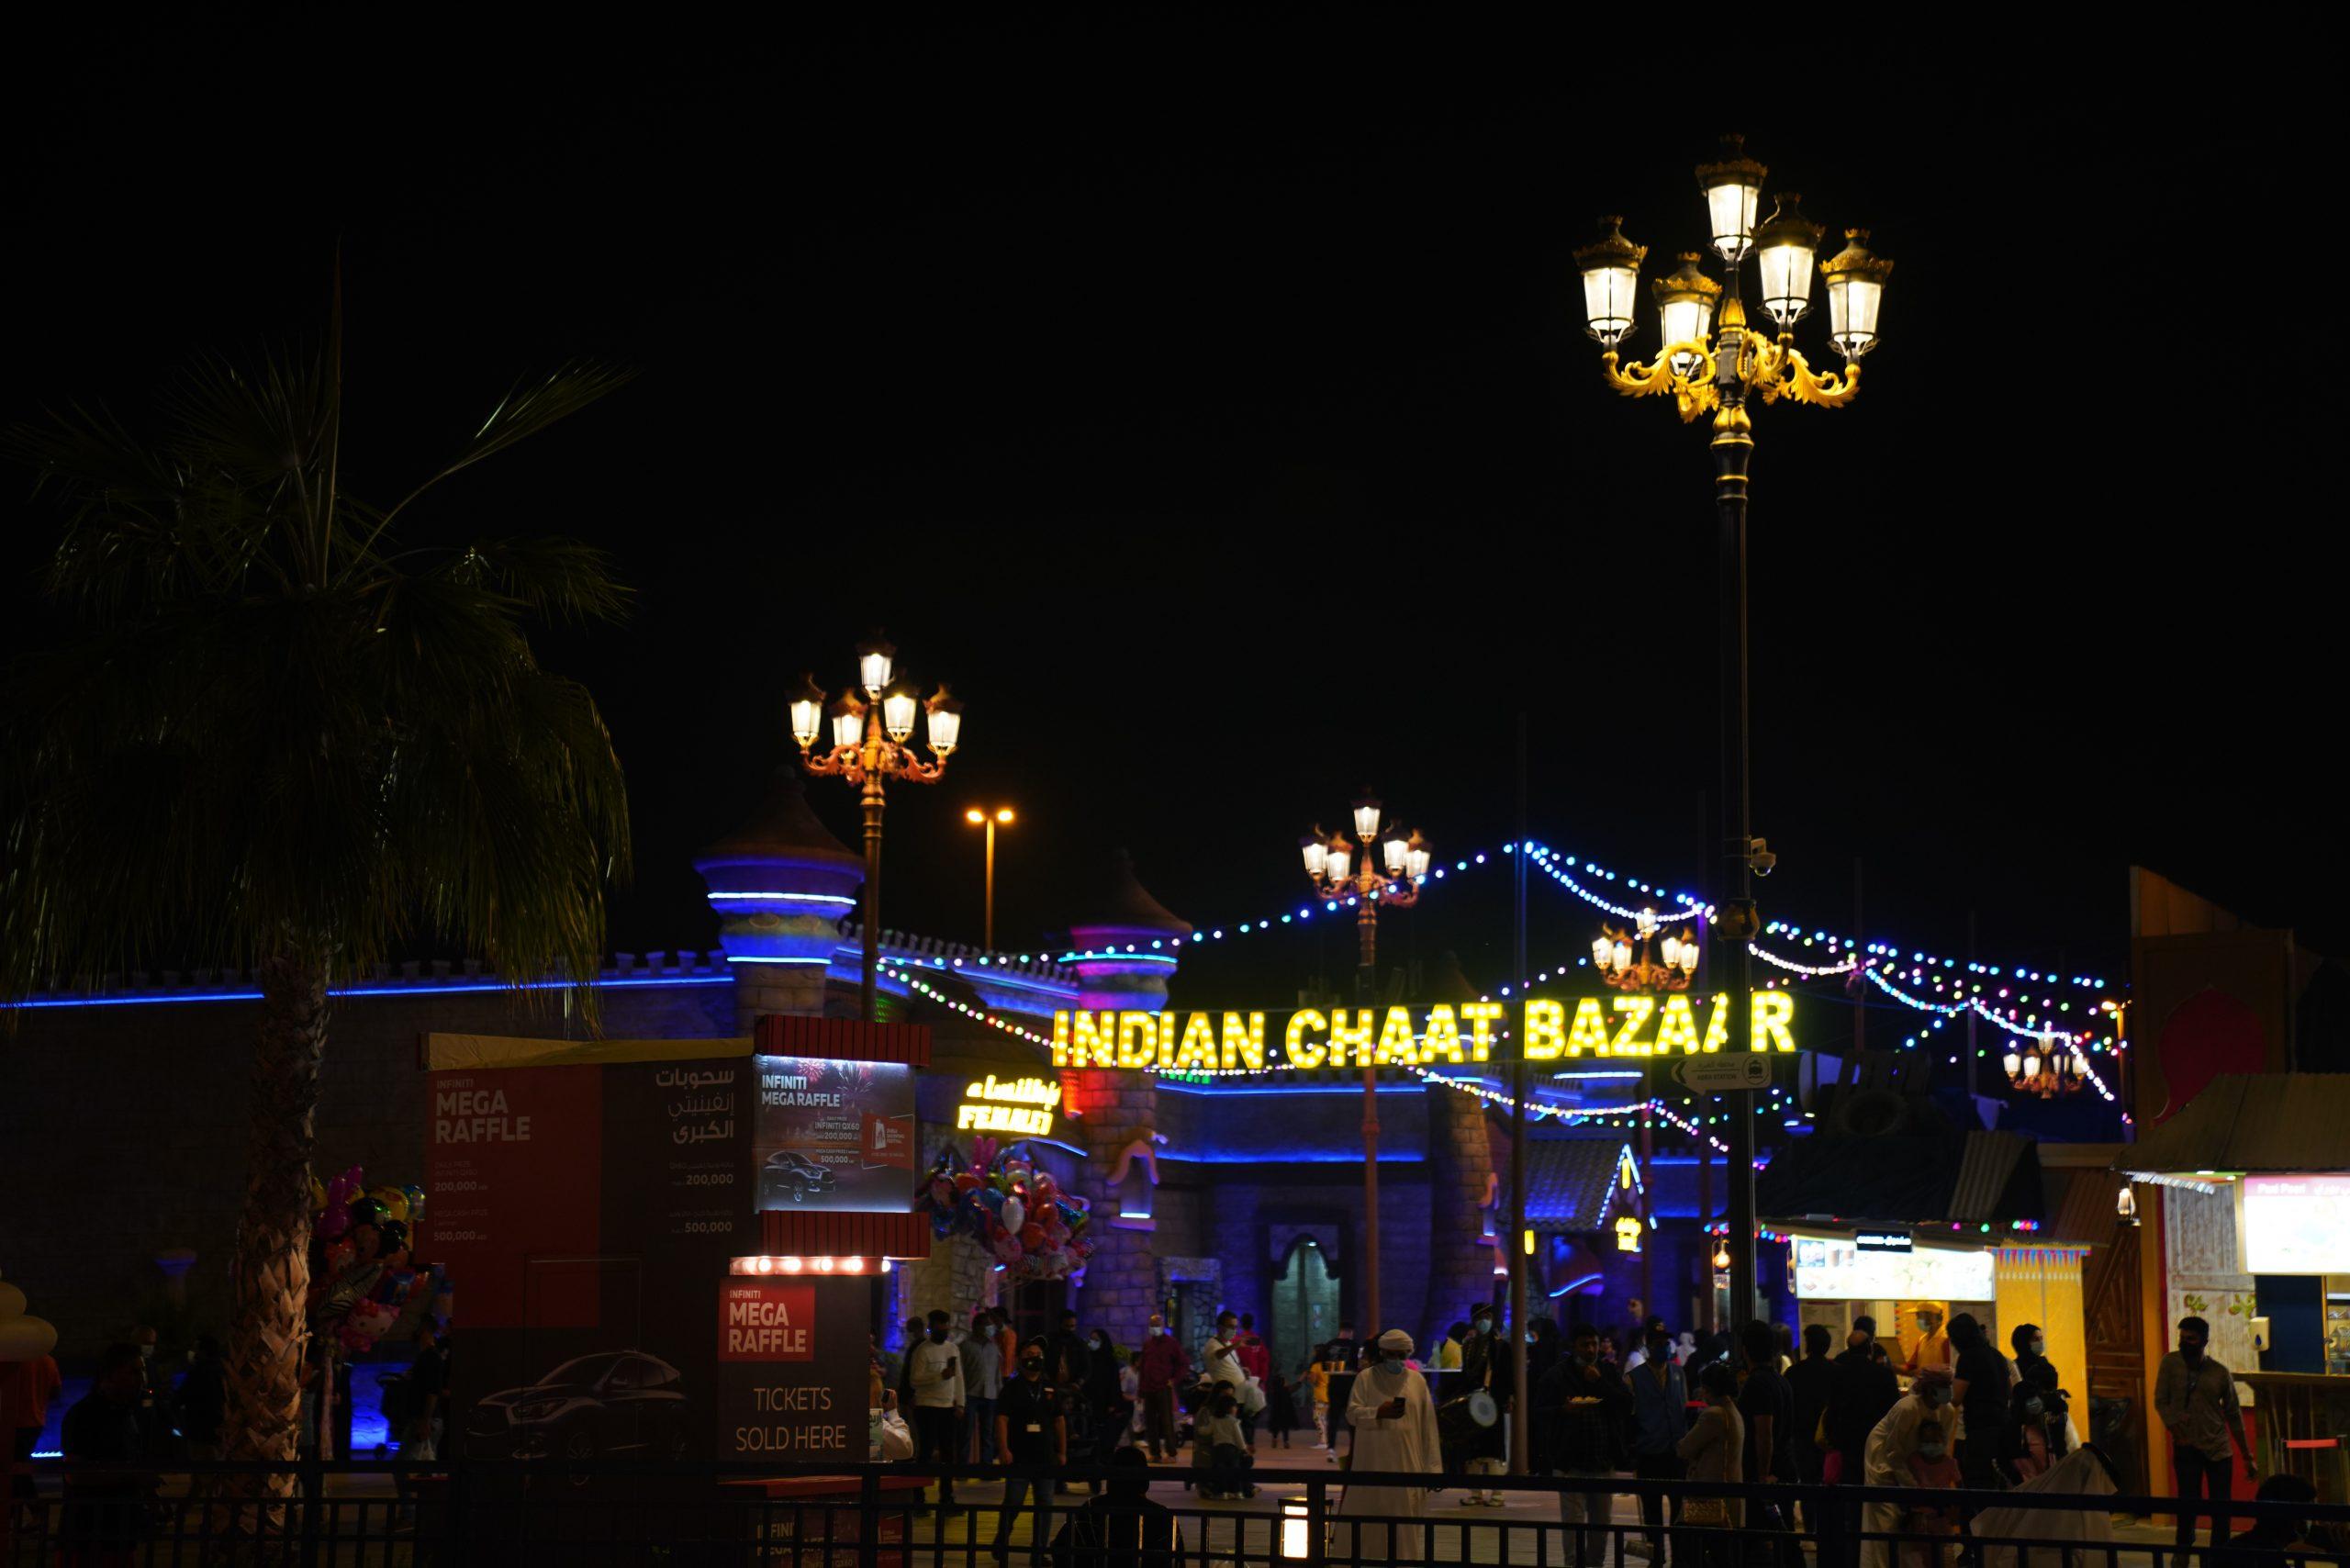 Indian Chaat Bazaar Dubai